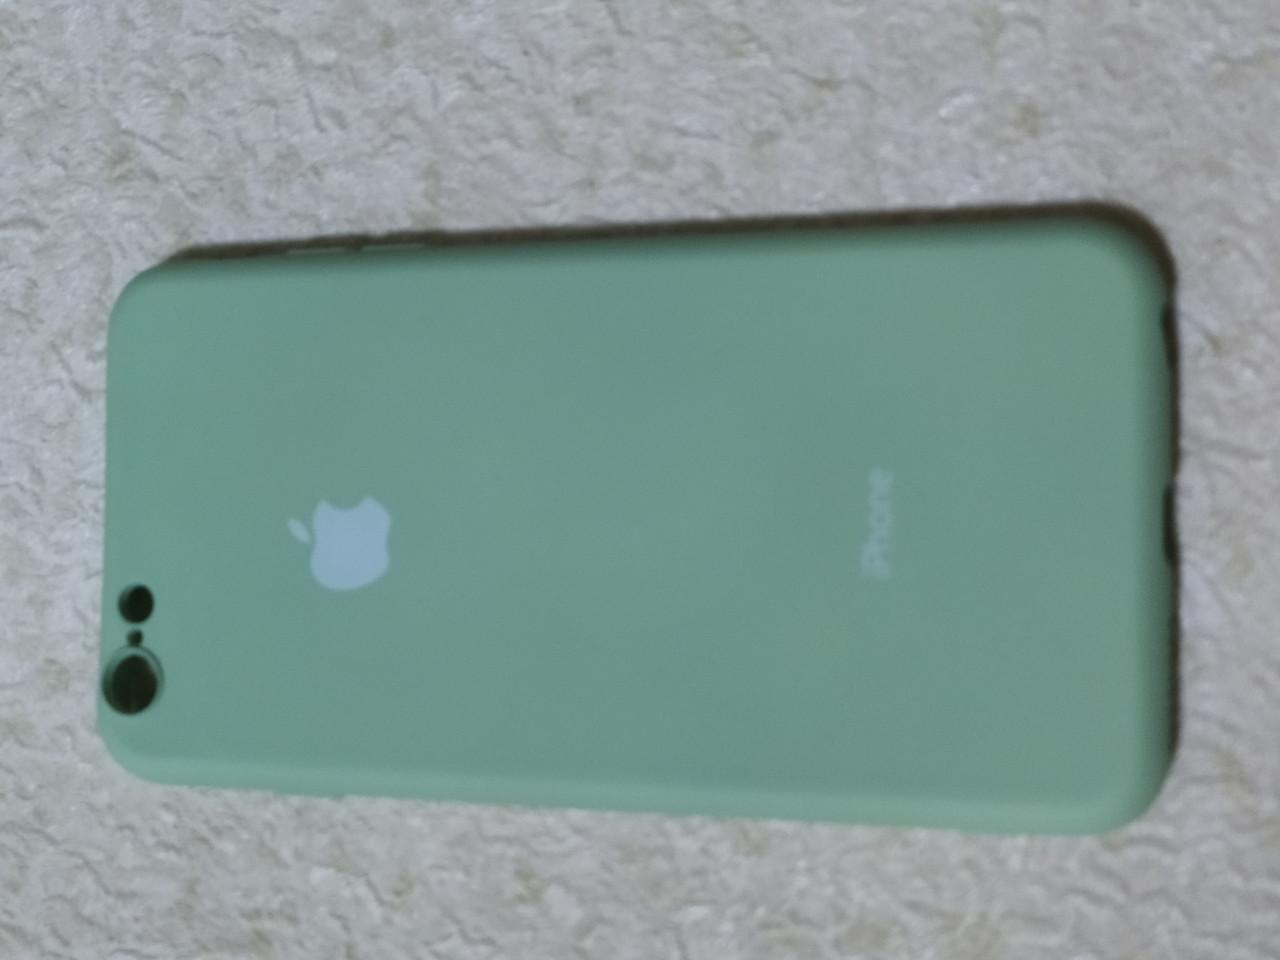 Накладка   Silicon Cover full   для    iPhone  6  Plus   (мятный) Copy